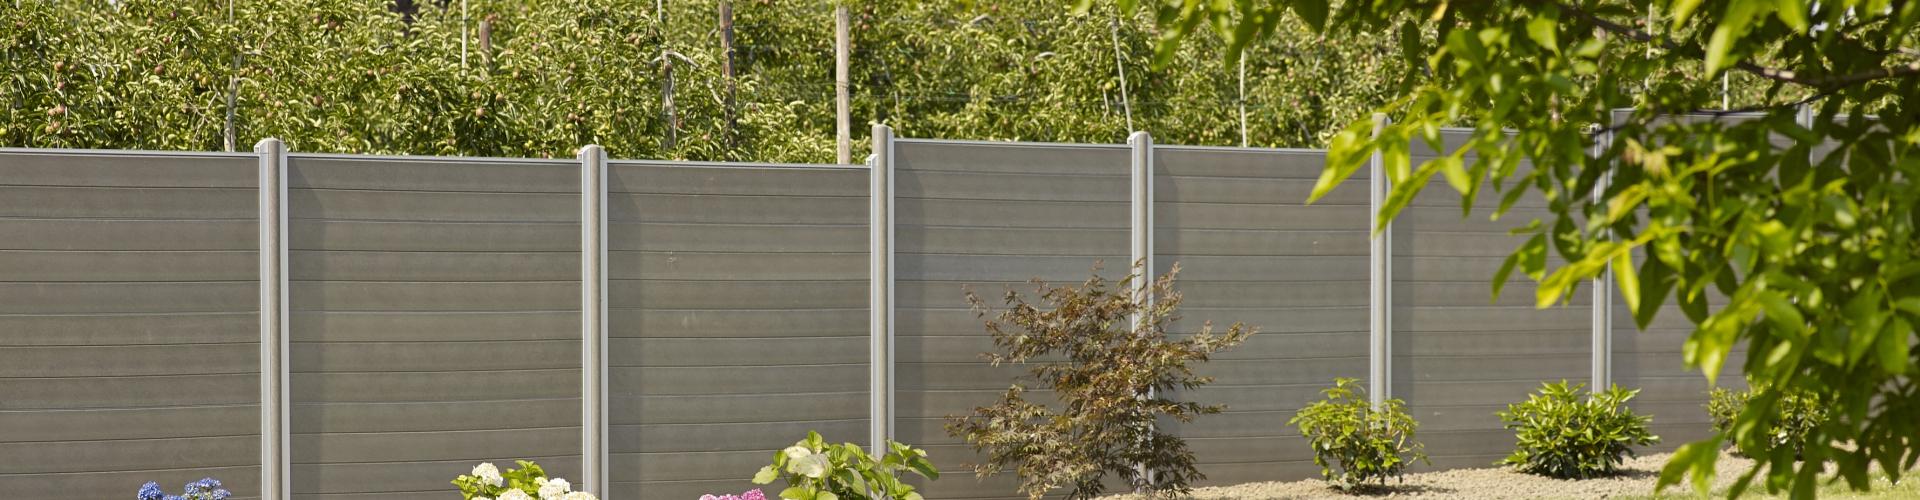 Une Clôture Pour Votre Jardin ? Optez Pour Du Plastique ... concernant Planche Pour Cloture Jardin